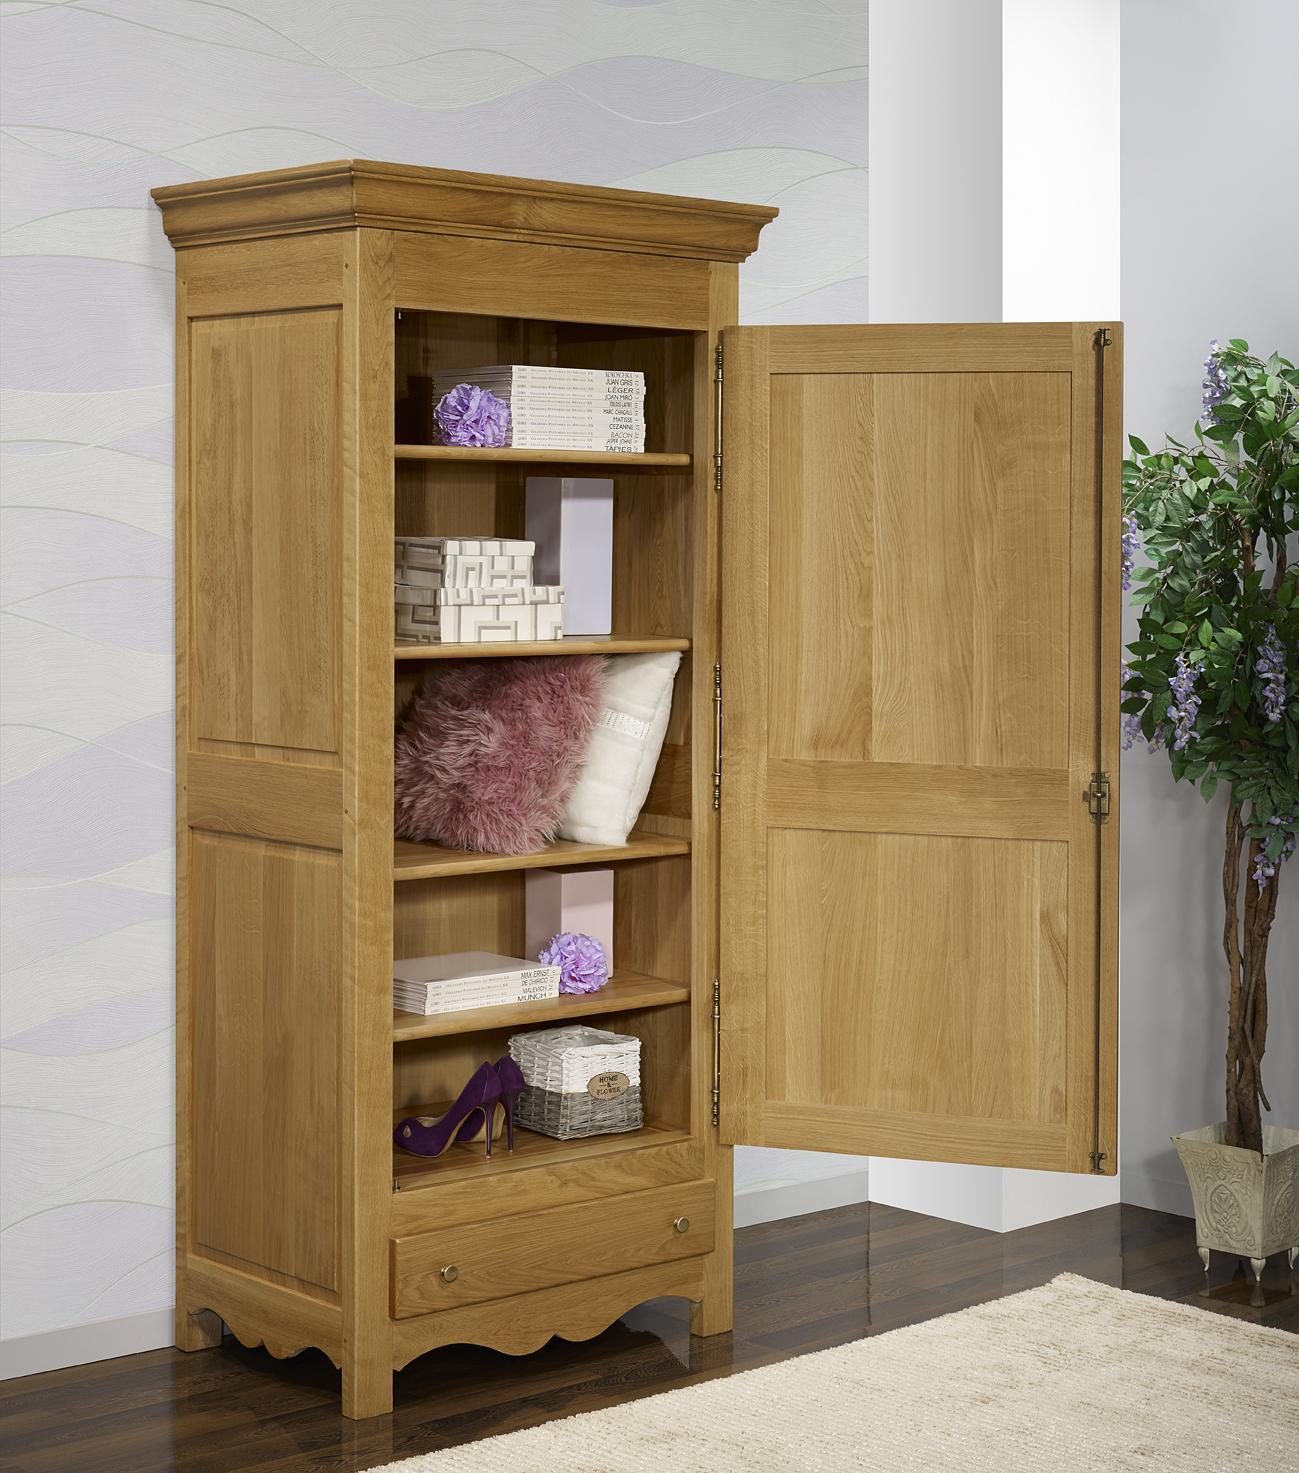 Bonneti re 1 porte 1 tiroir en ch ne massif de style campagnard meuble en c - Meuble style campagnard ...